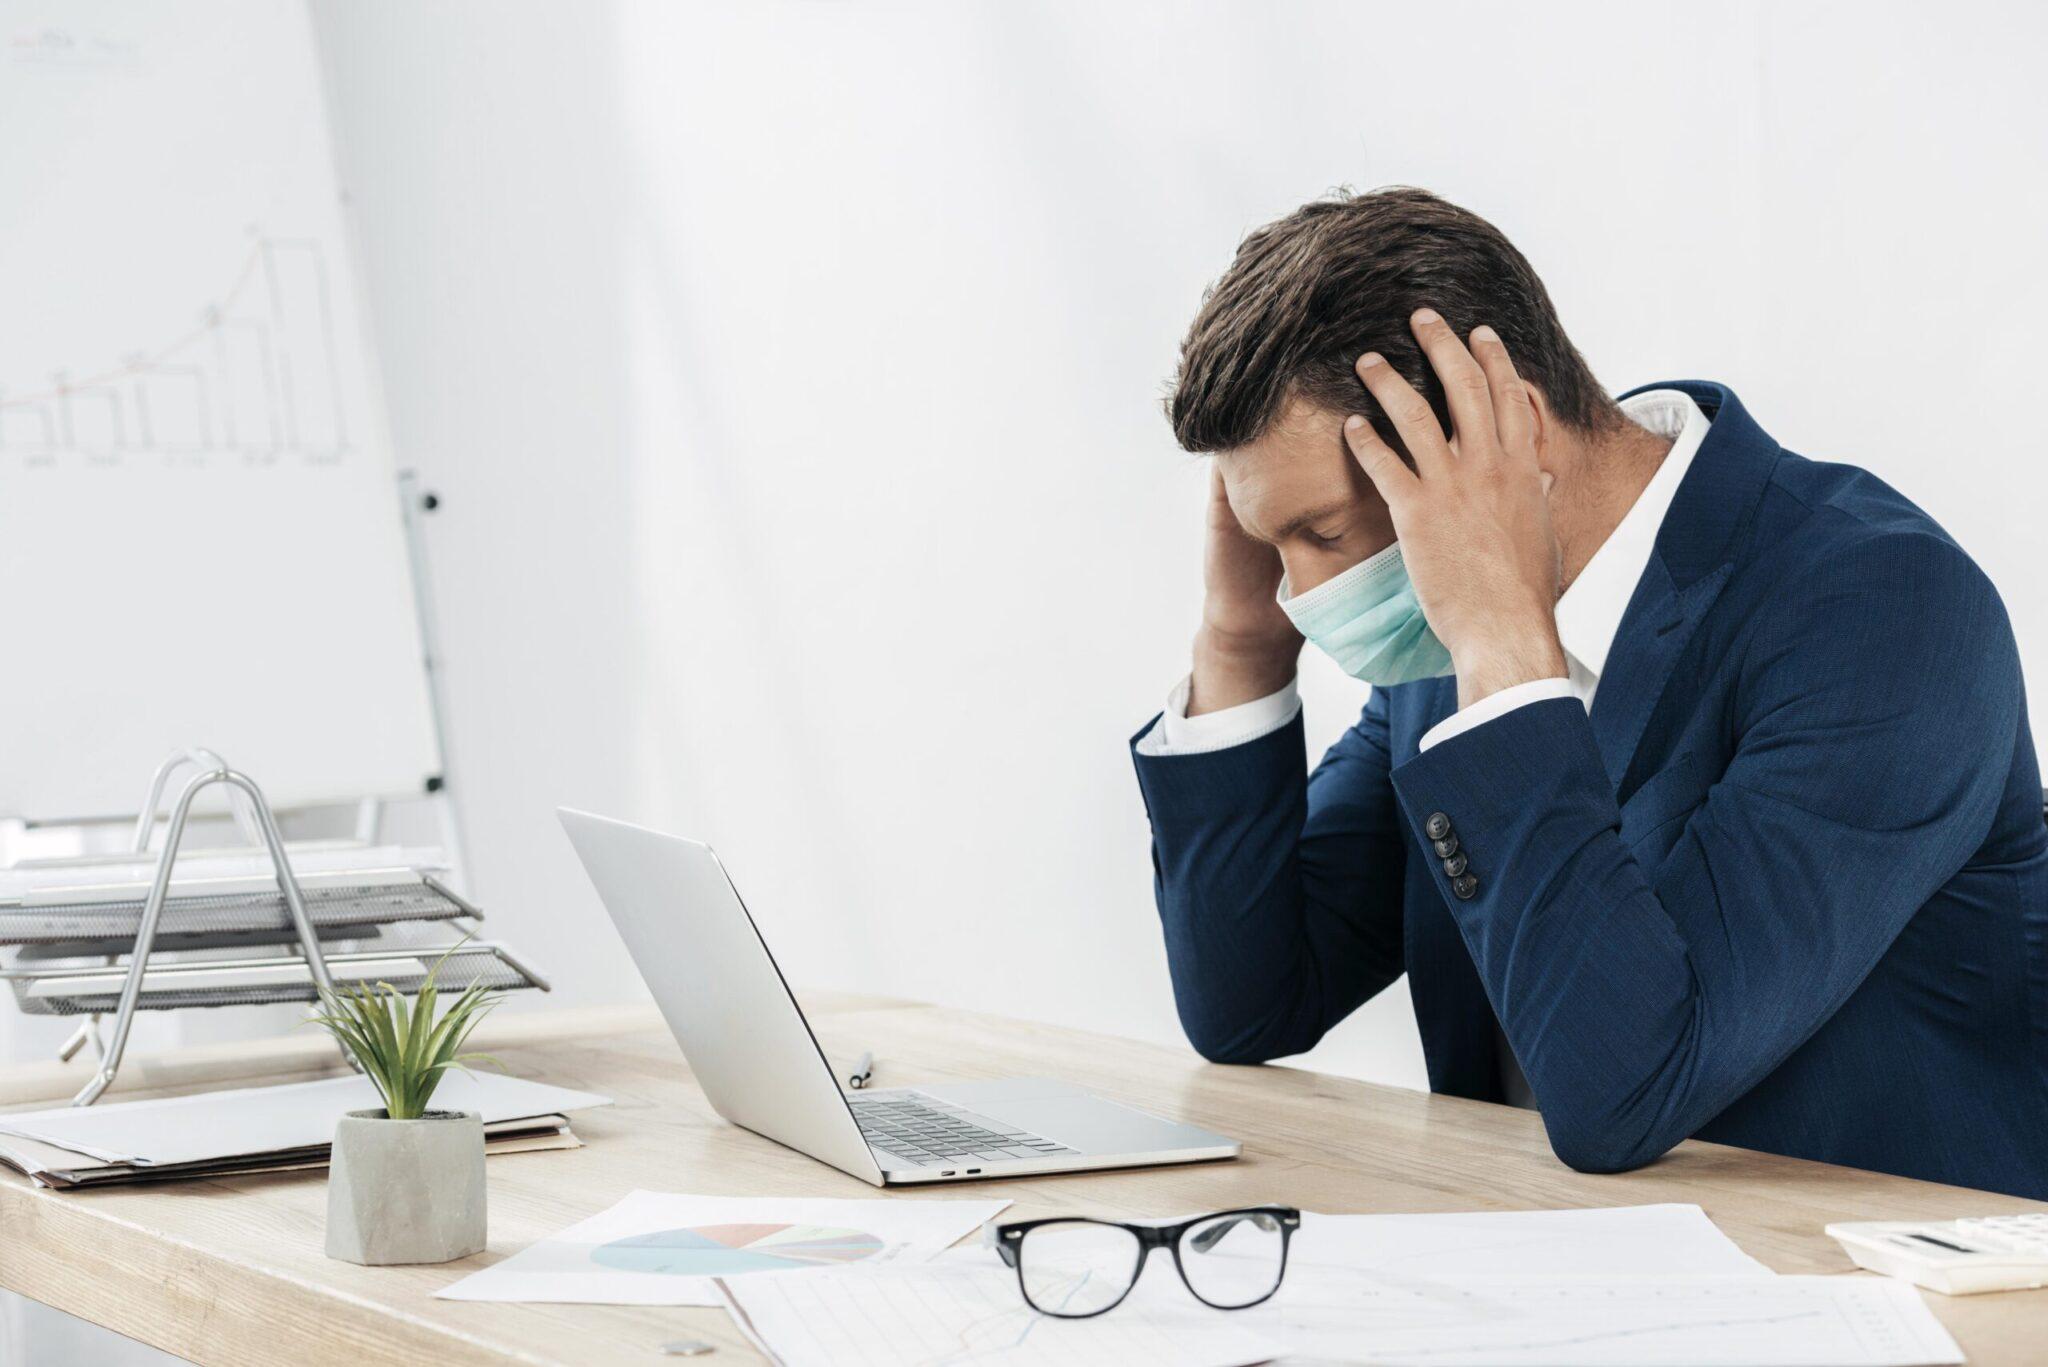 Tempos de crise e a nova realidade nos negócios